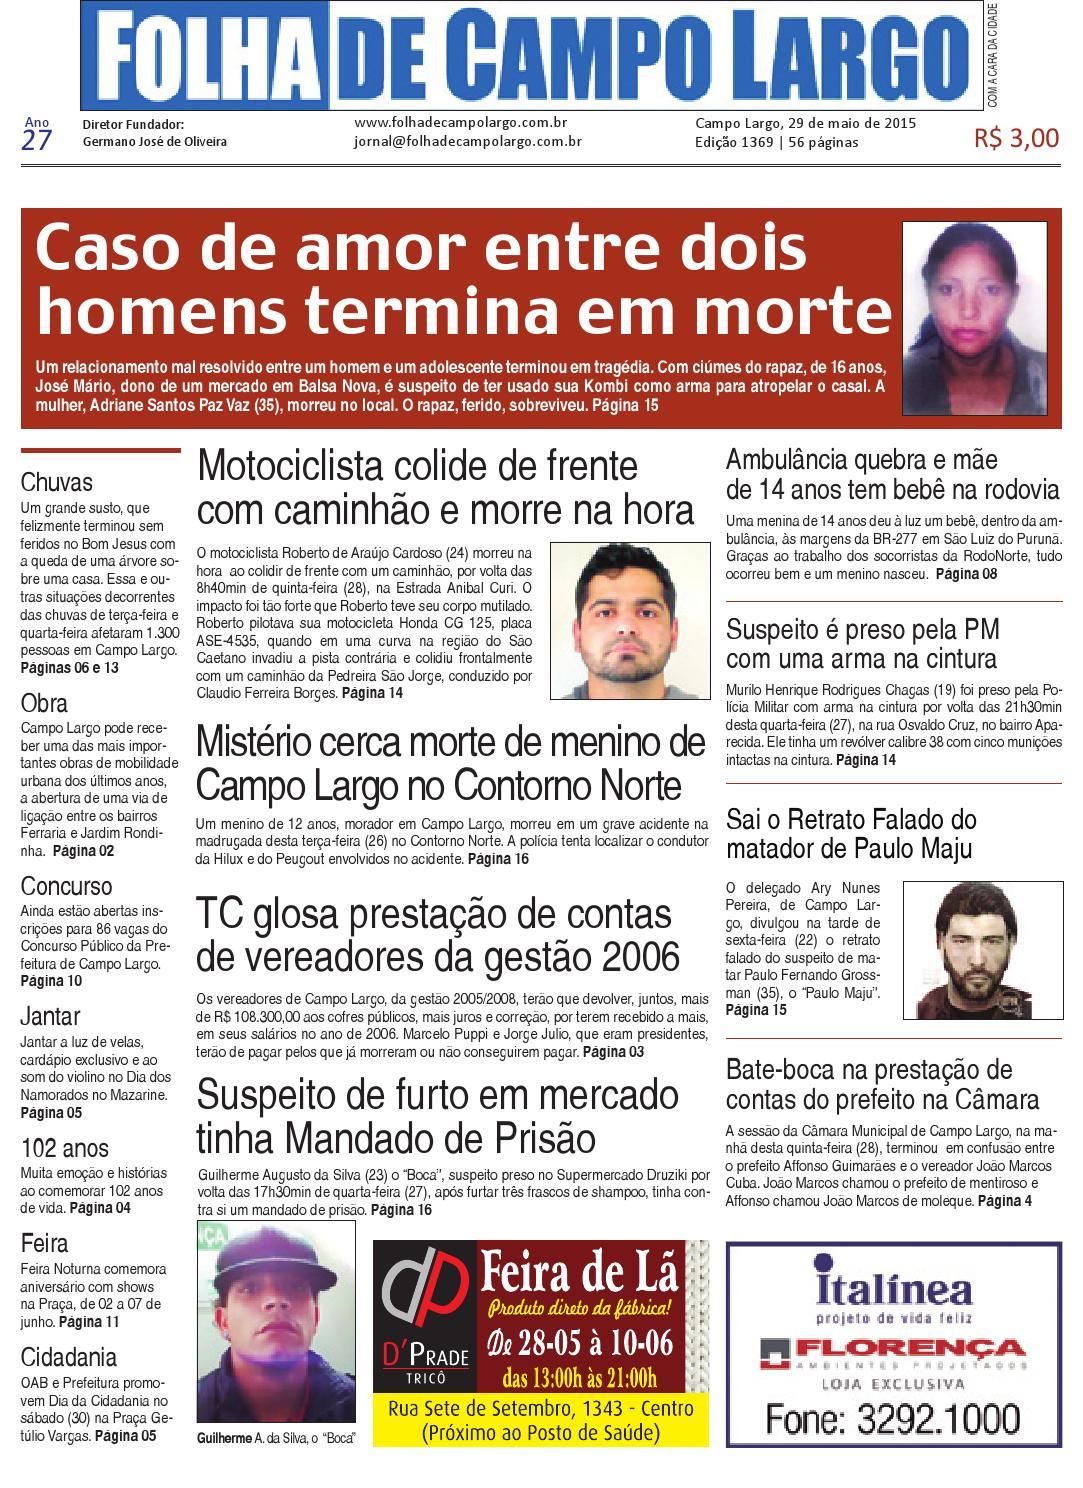 Folha de Campo Largo by Folha de Campo Largo - issuu 7e09d14a533